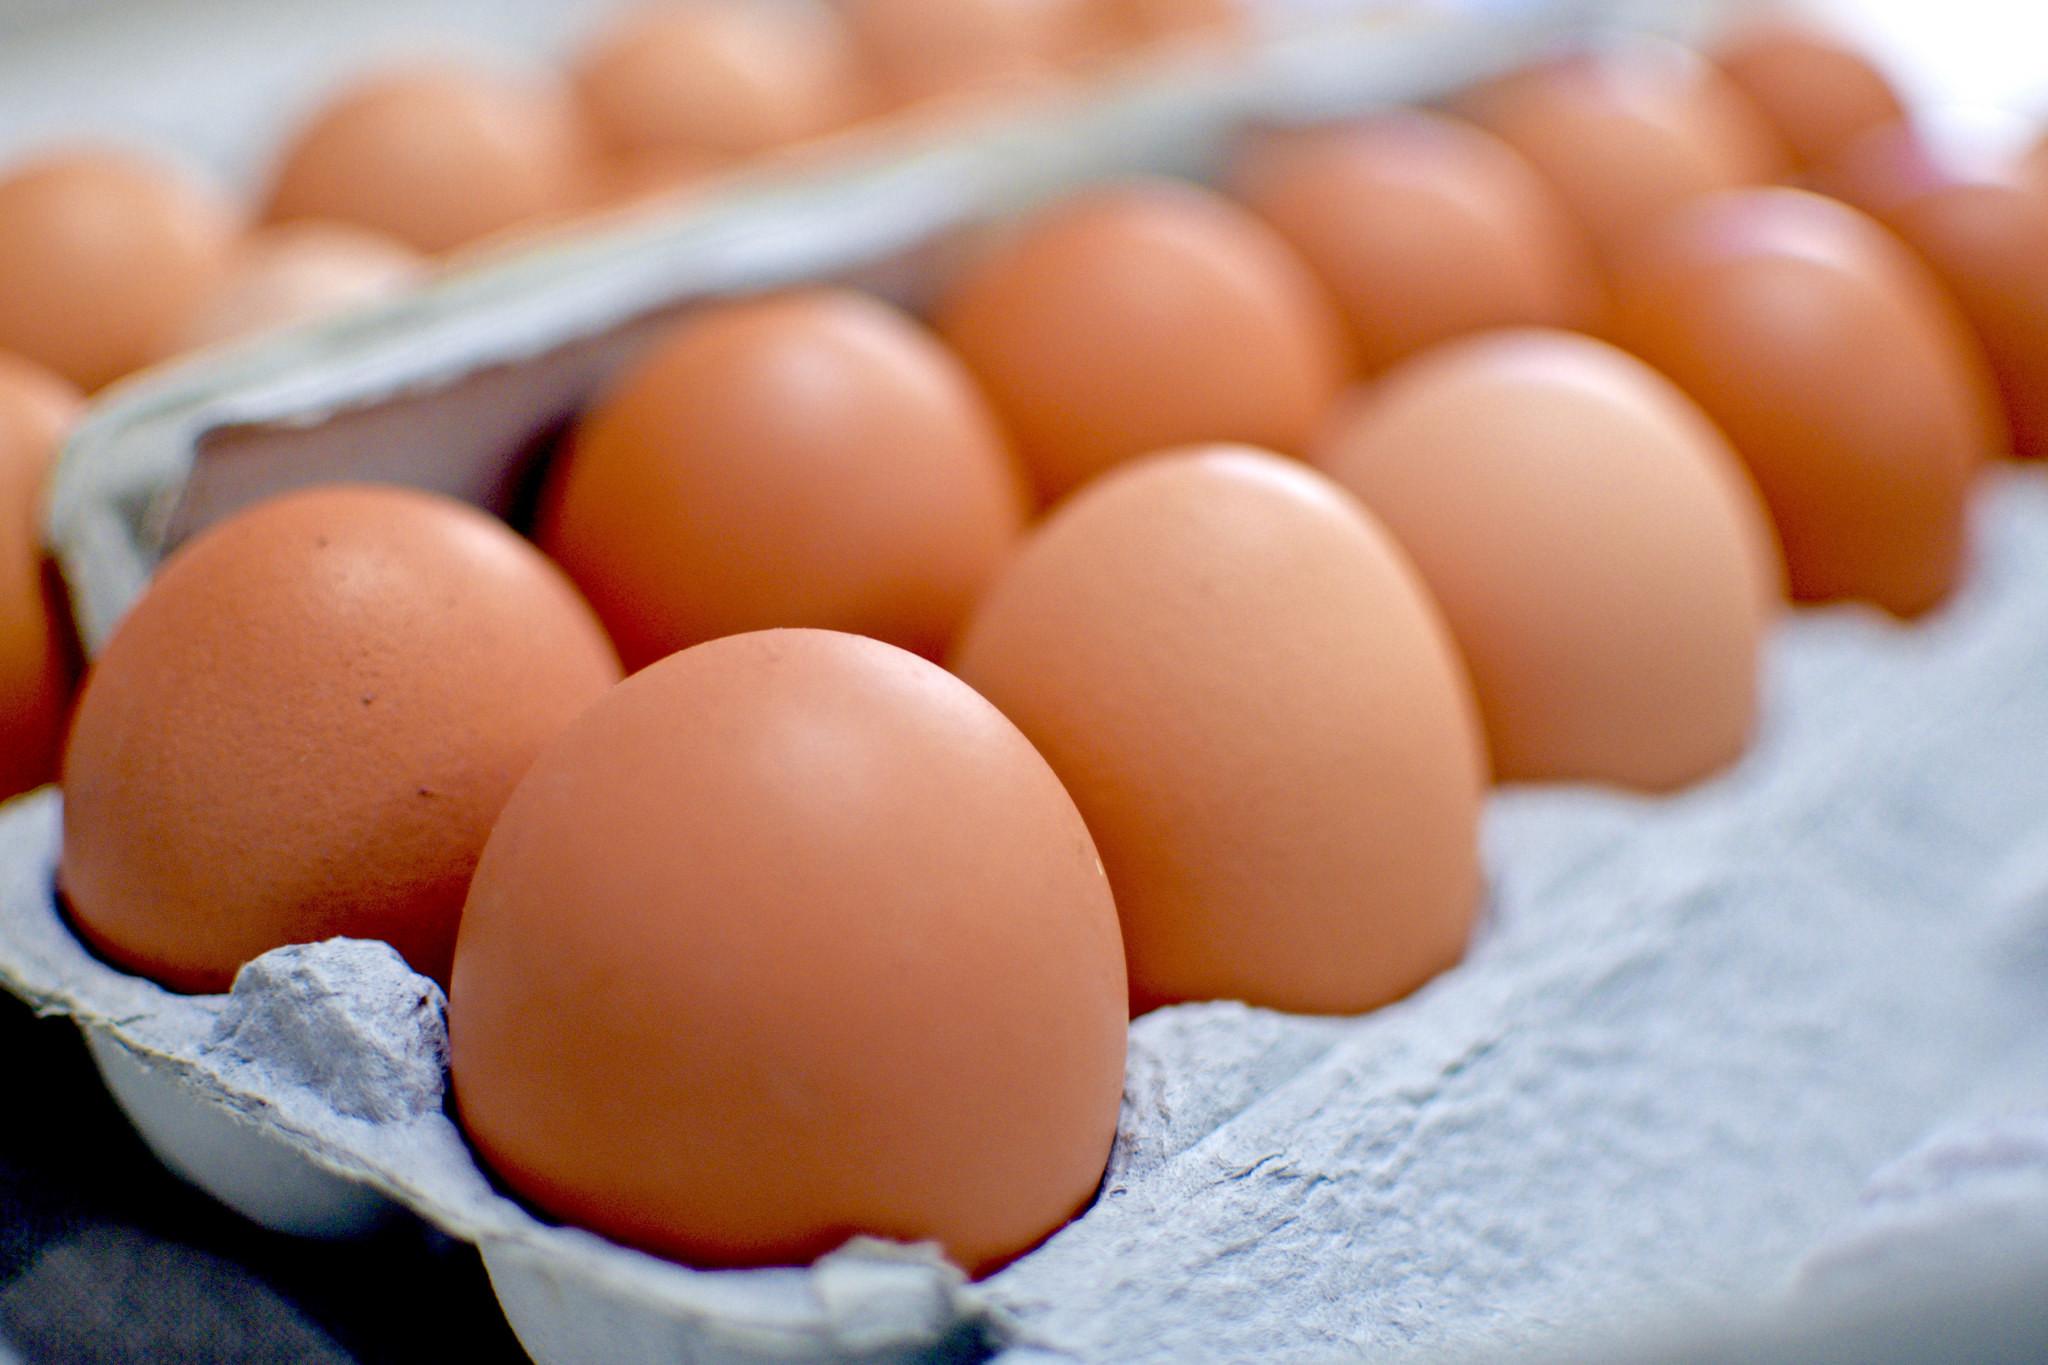 eggs-2.jpg#asset:4504